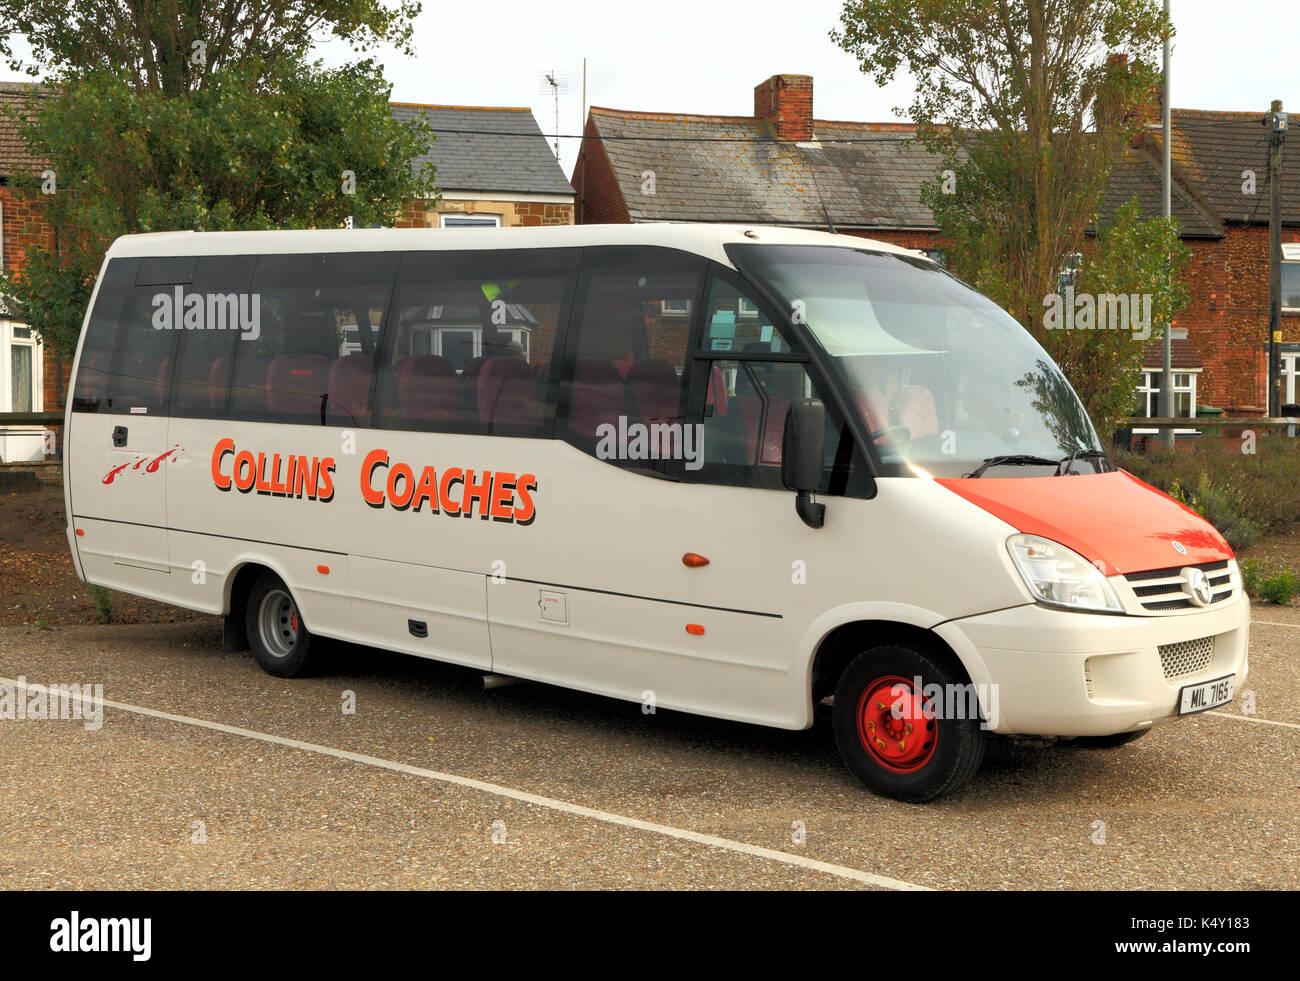 Collins entrenadores, entrenador, día de viaje, viajes, excursiones, excursiones, empresa de viajes, empresas de transporte, viajes. mini autobús, Inglaterra, Reino Unido. Imagen De Stock